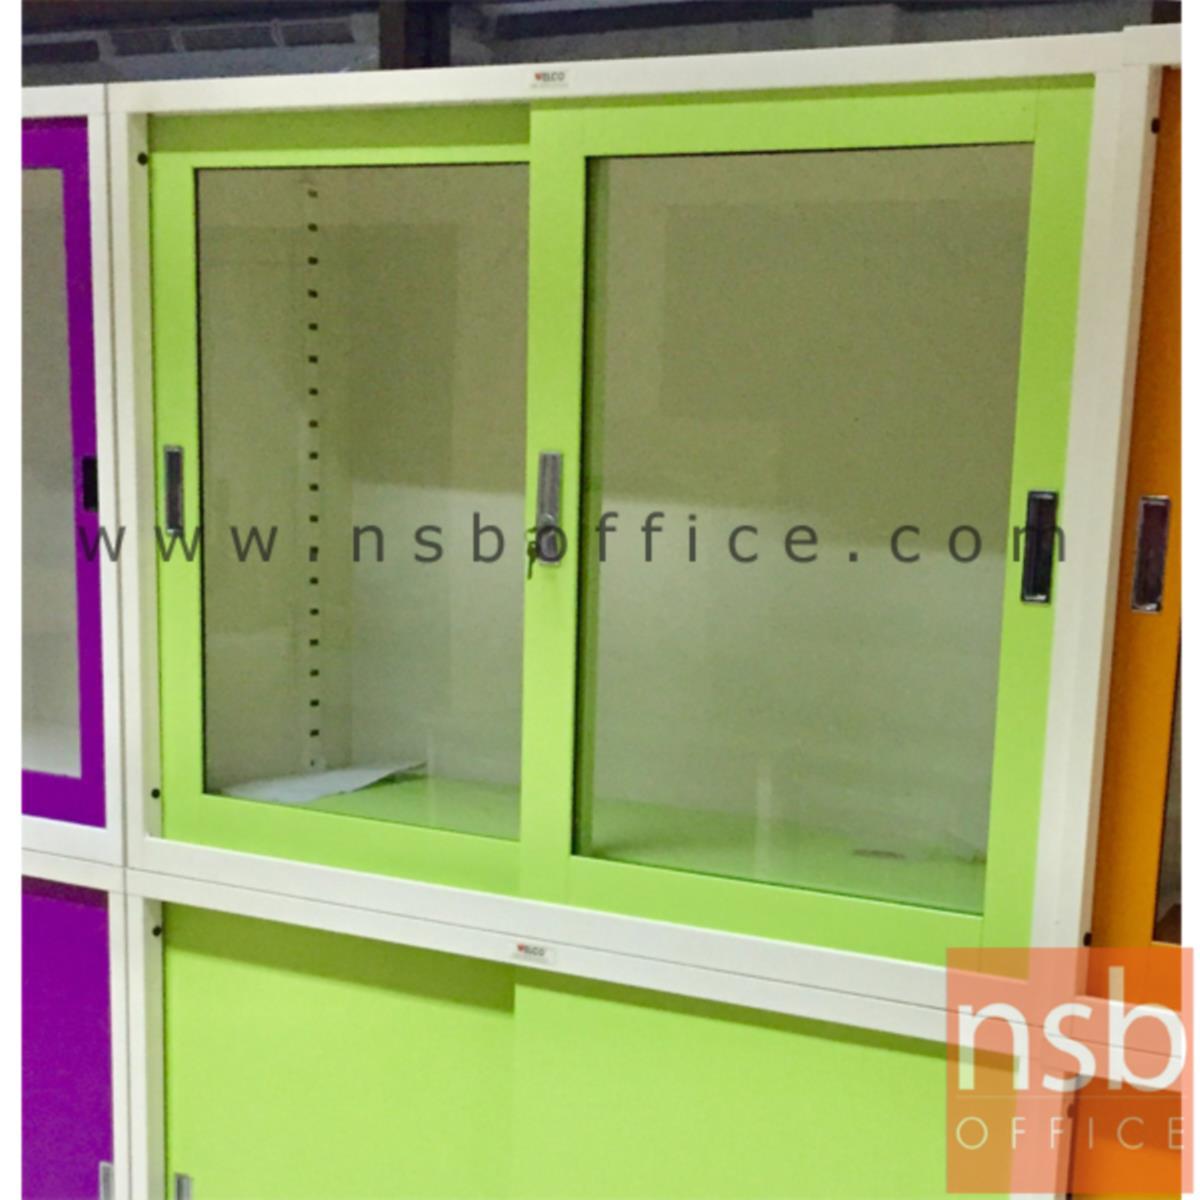 ตู้เอกสารบานเลื่อนกระจกเตี้ย 87.8H cm.  ยี่ล้อเวลโก(WELCO) ขนาด 3, 4 และ 5 ฟุต